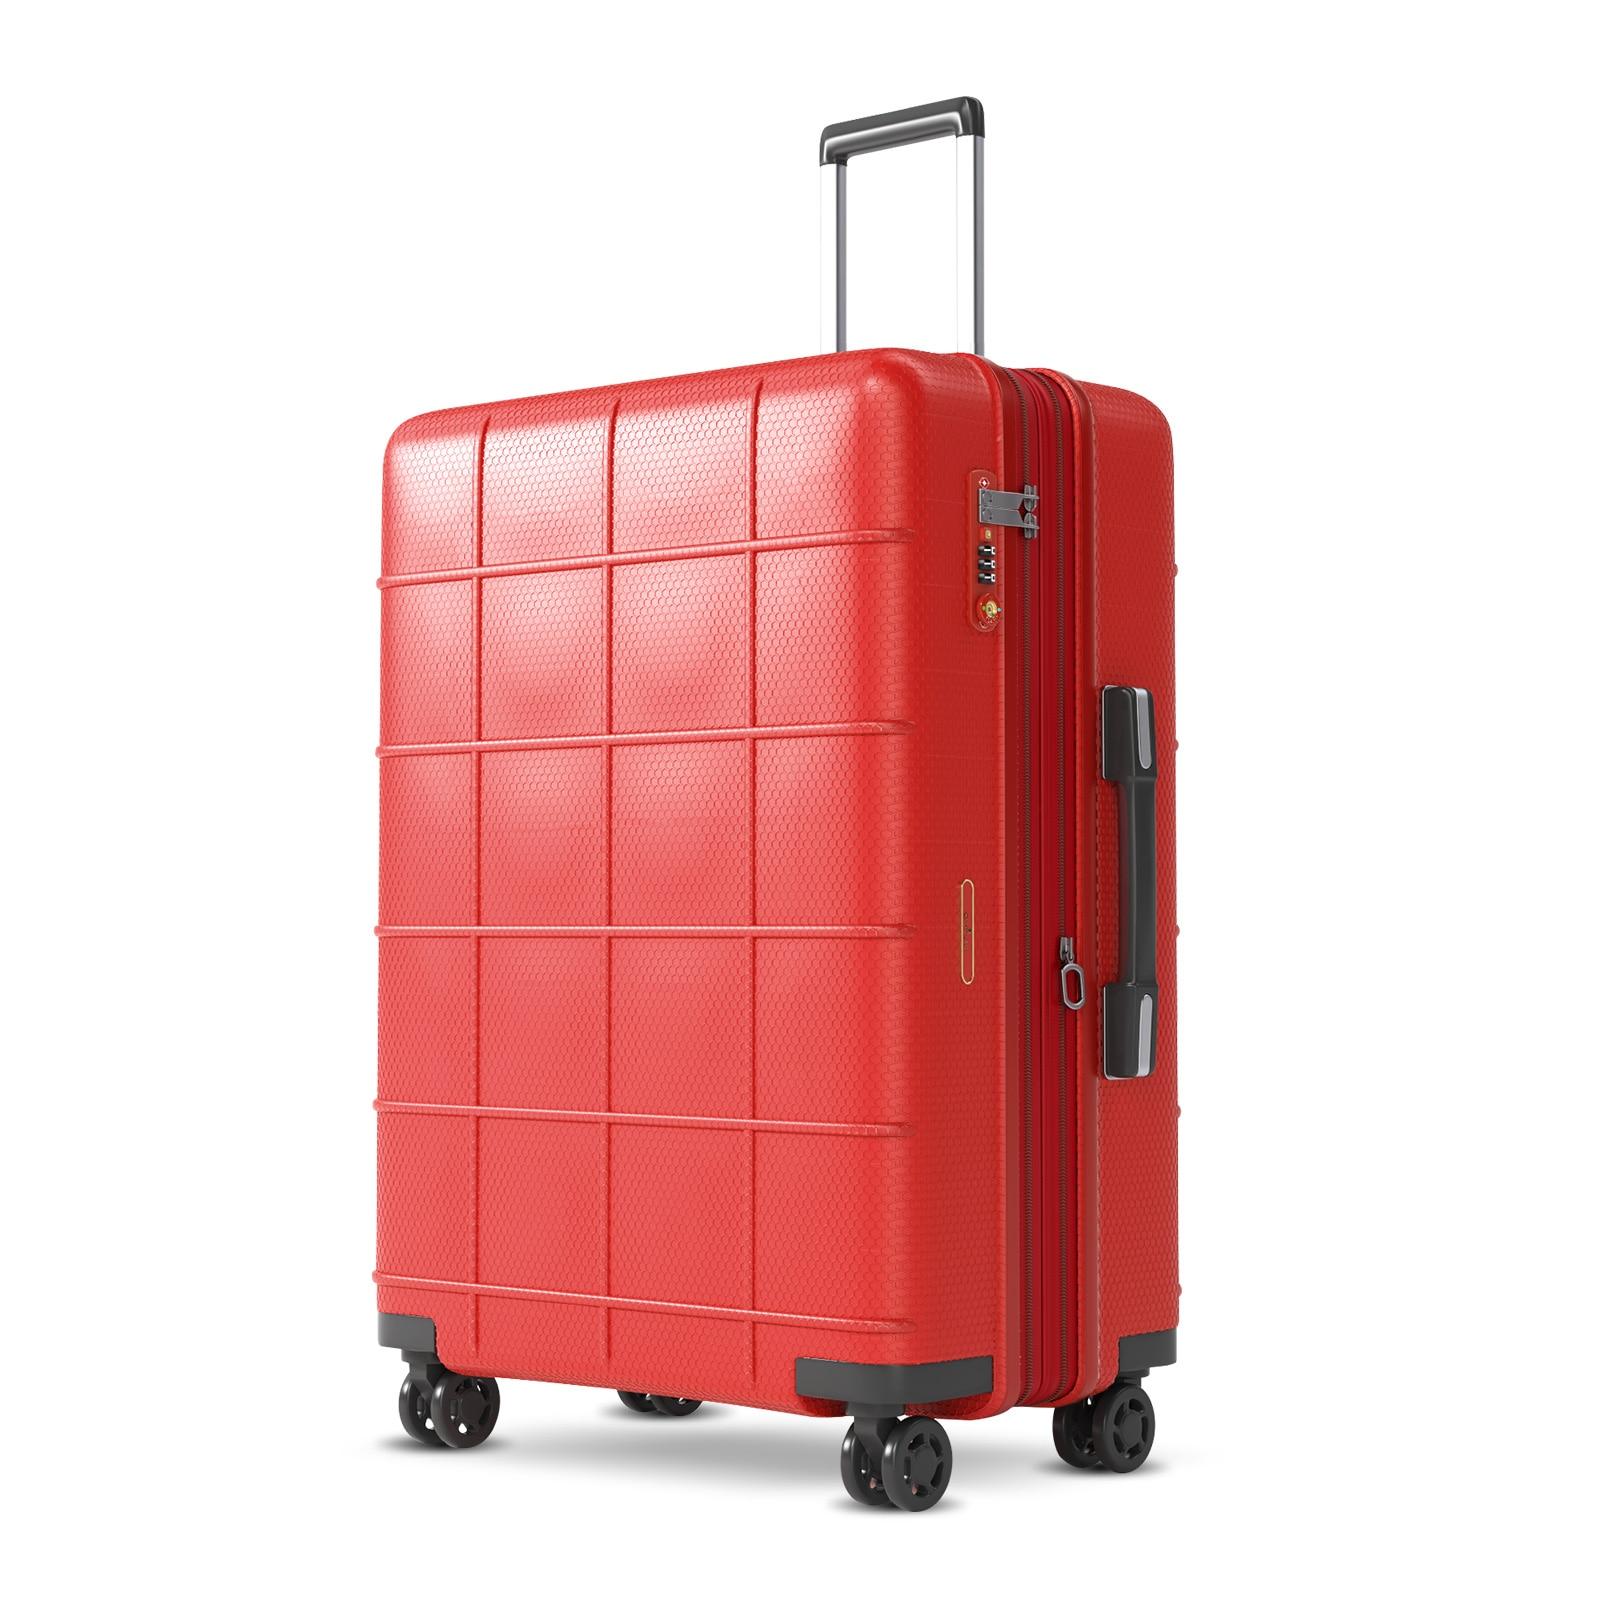 чехол на чемодан 18316 s 55 см Чемодан с колесиками-спиннером, чехол для ручного костюма s Elegance, чехол на колесиках с замком TSA 100% шт., 20% расширительный слой для деловых пое...